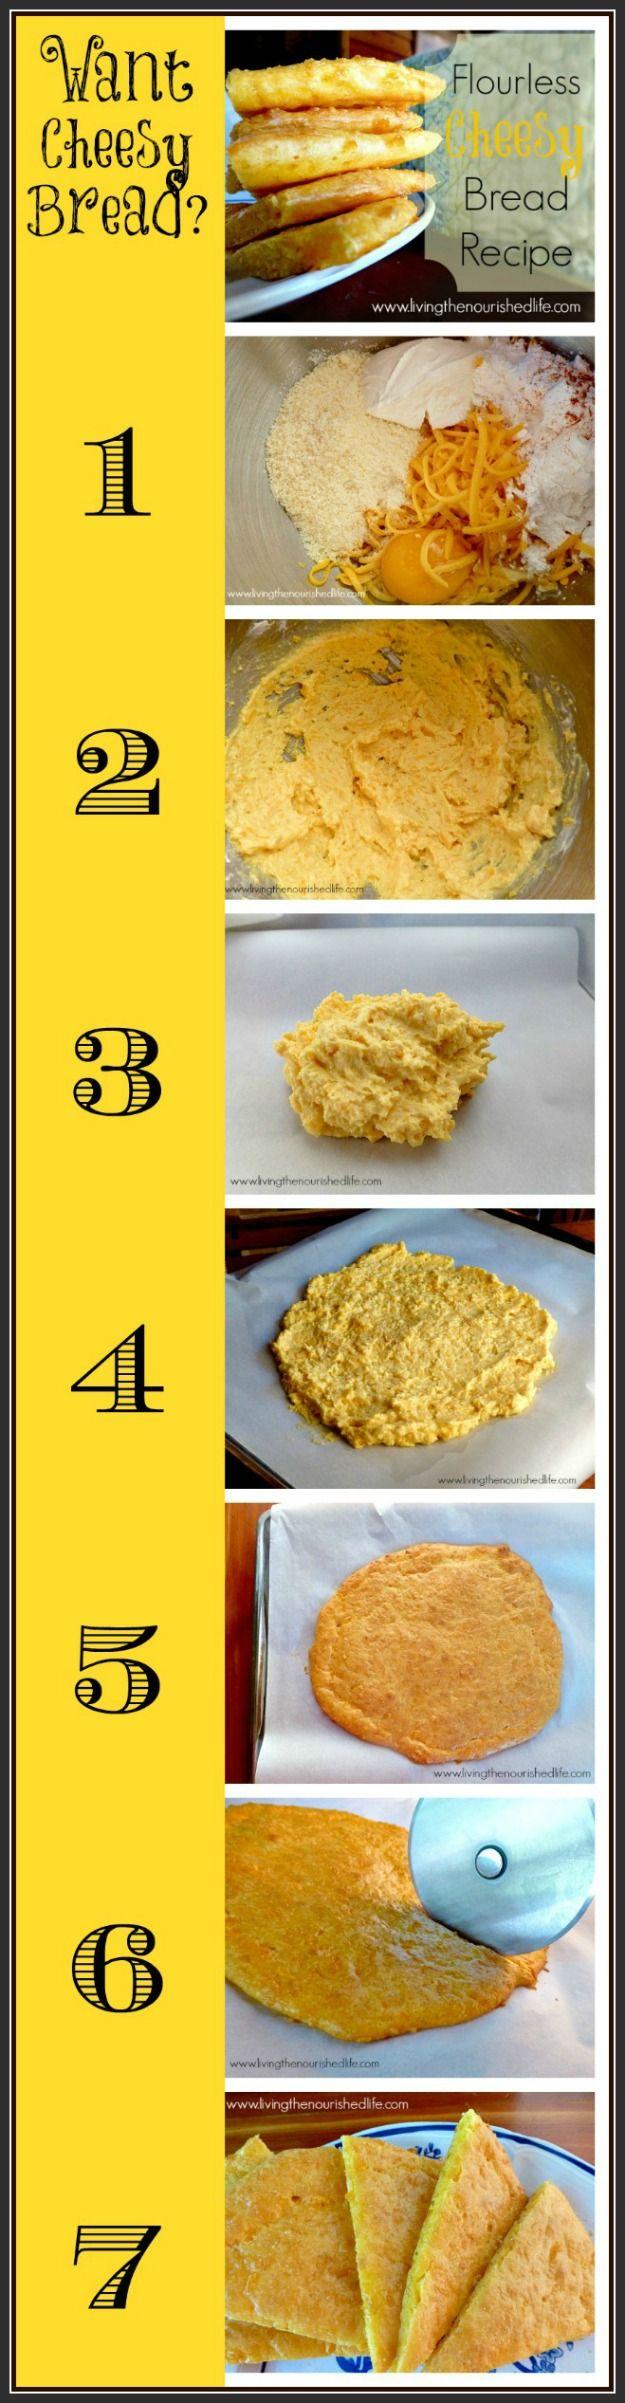 Flourless Cheesy Bread Recipe Steps